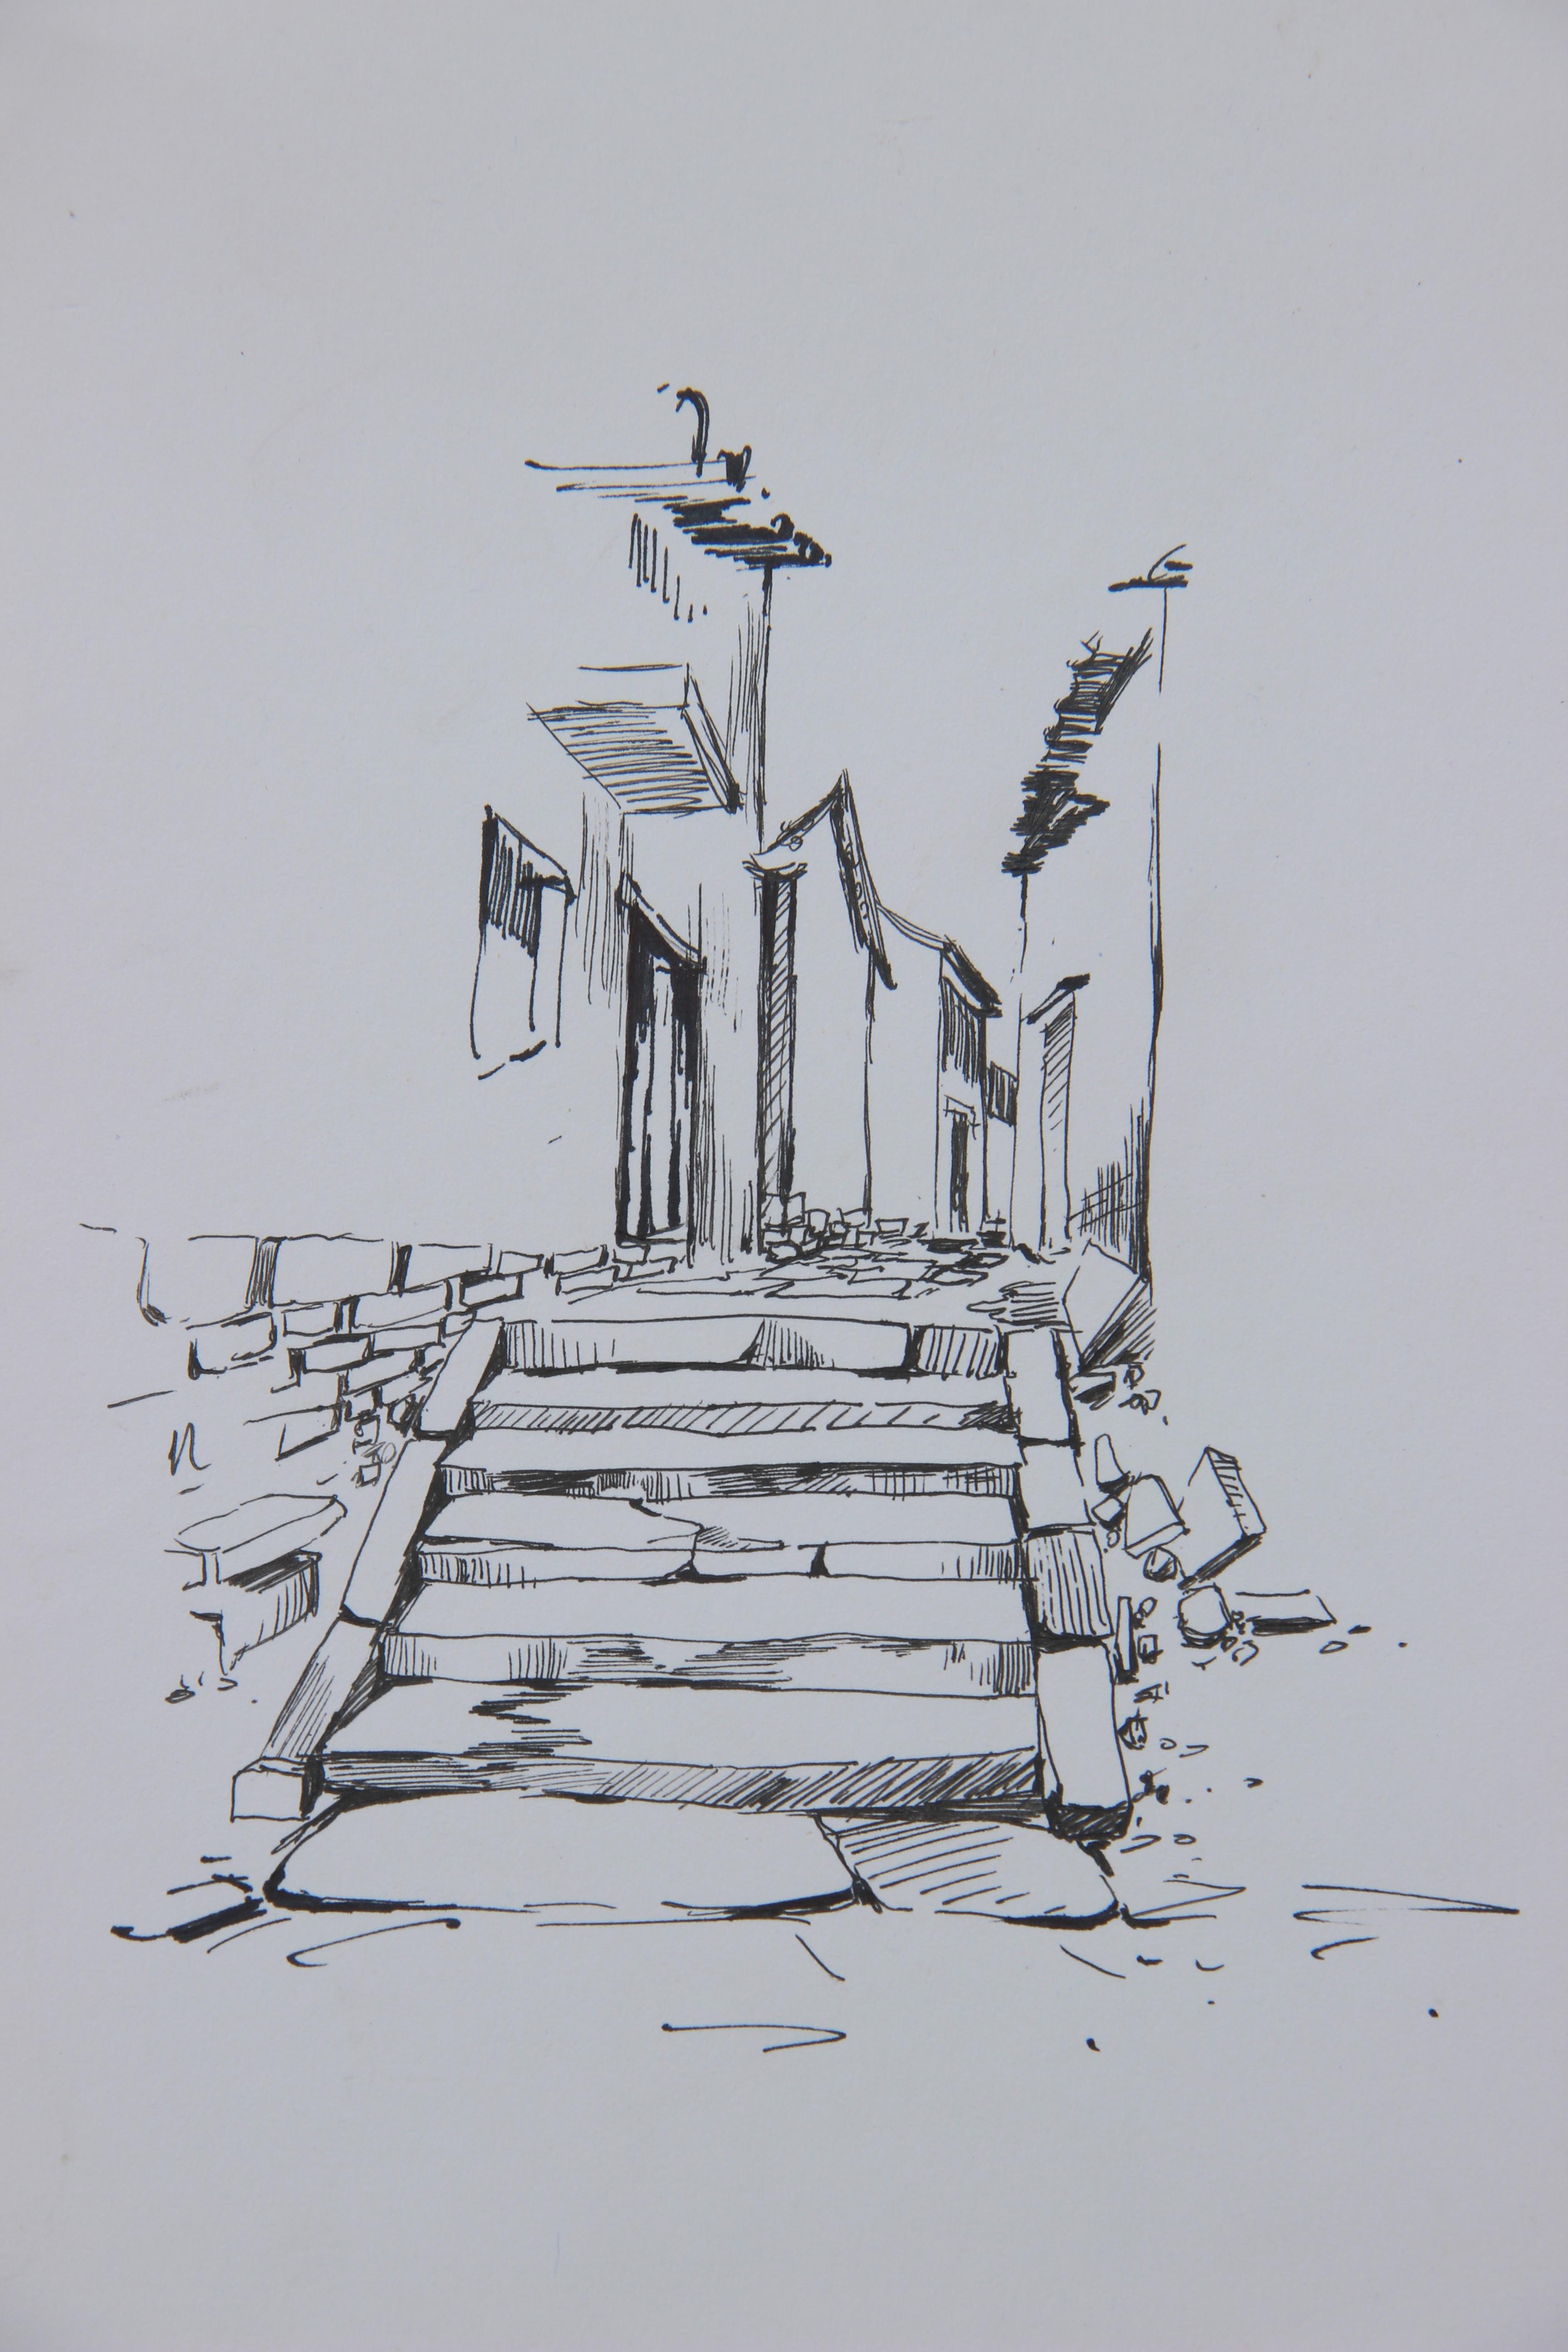 简笔画 手绘 素描 线稿 3456_5184 竖版 竖屏